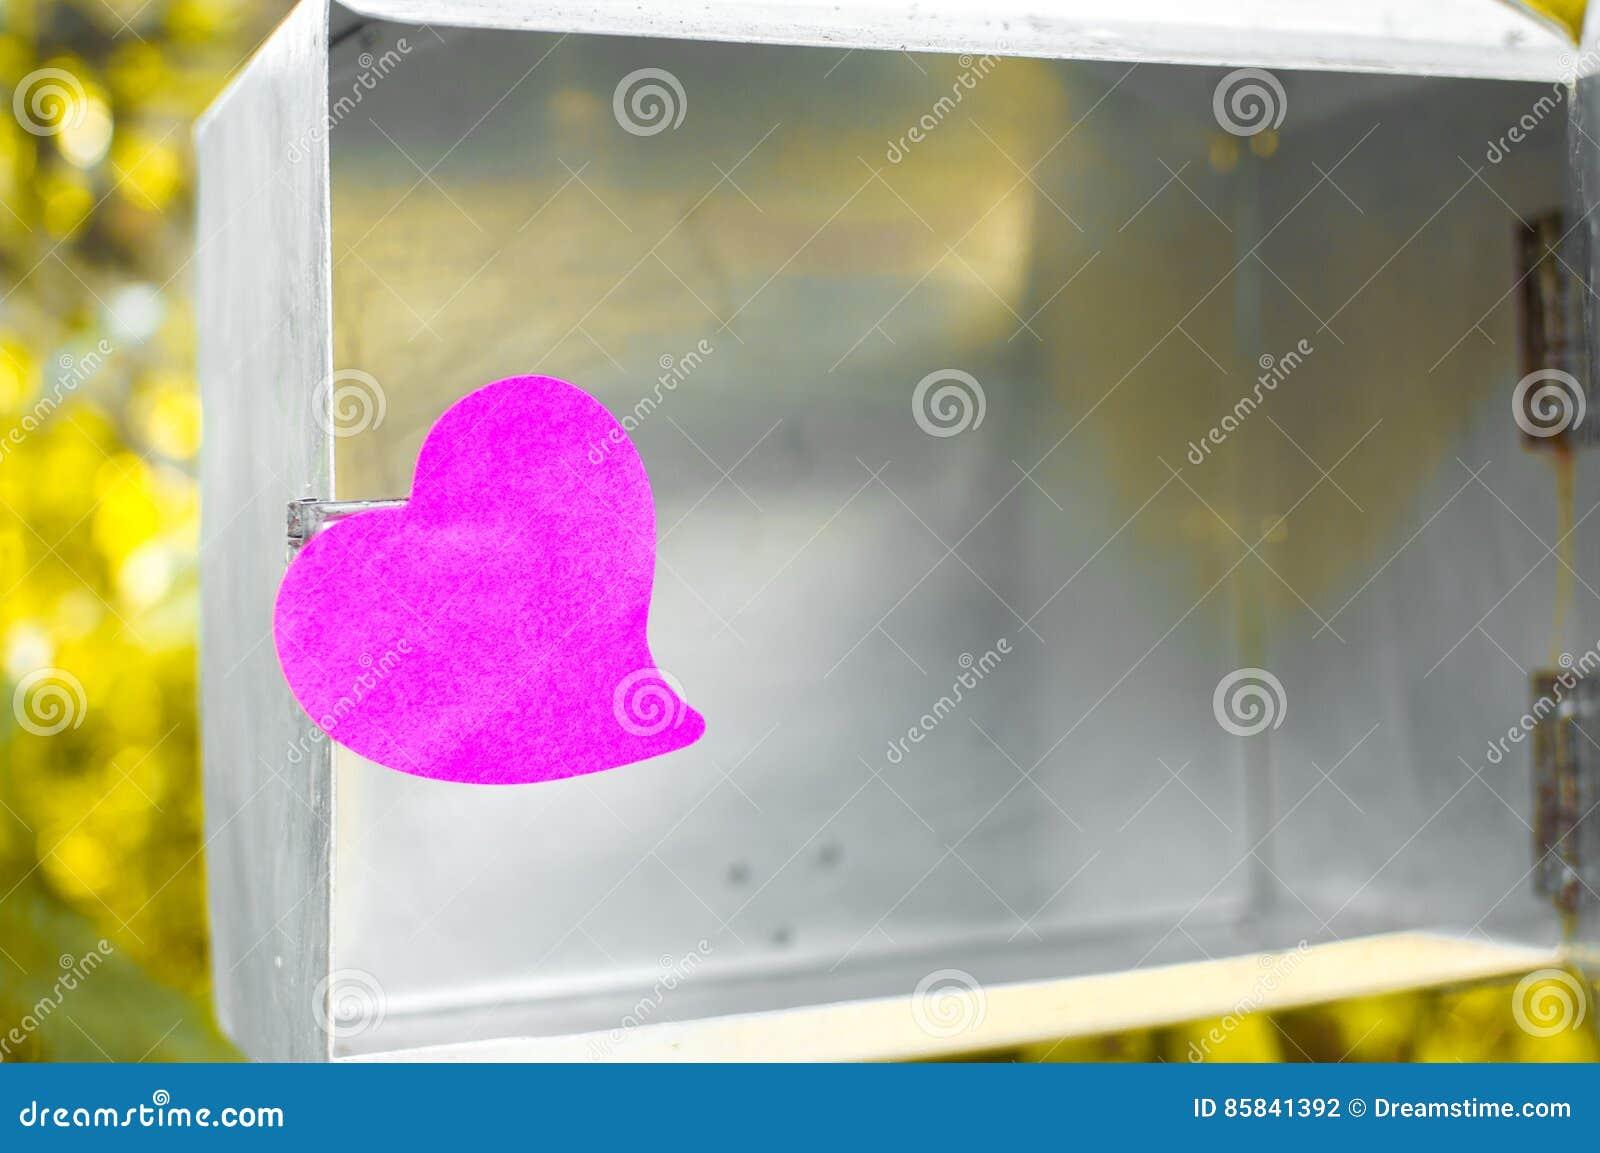 Κενό σημειωματάριο ή κολλώδες ροζ σημειώσεων στο μετα κιβώτιο με το BA φωτός του ήλιου